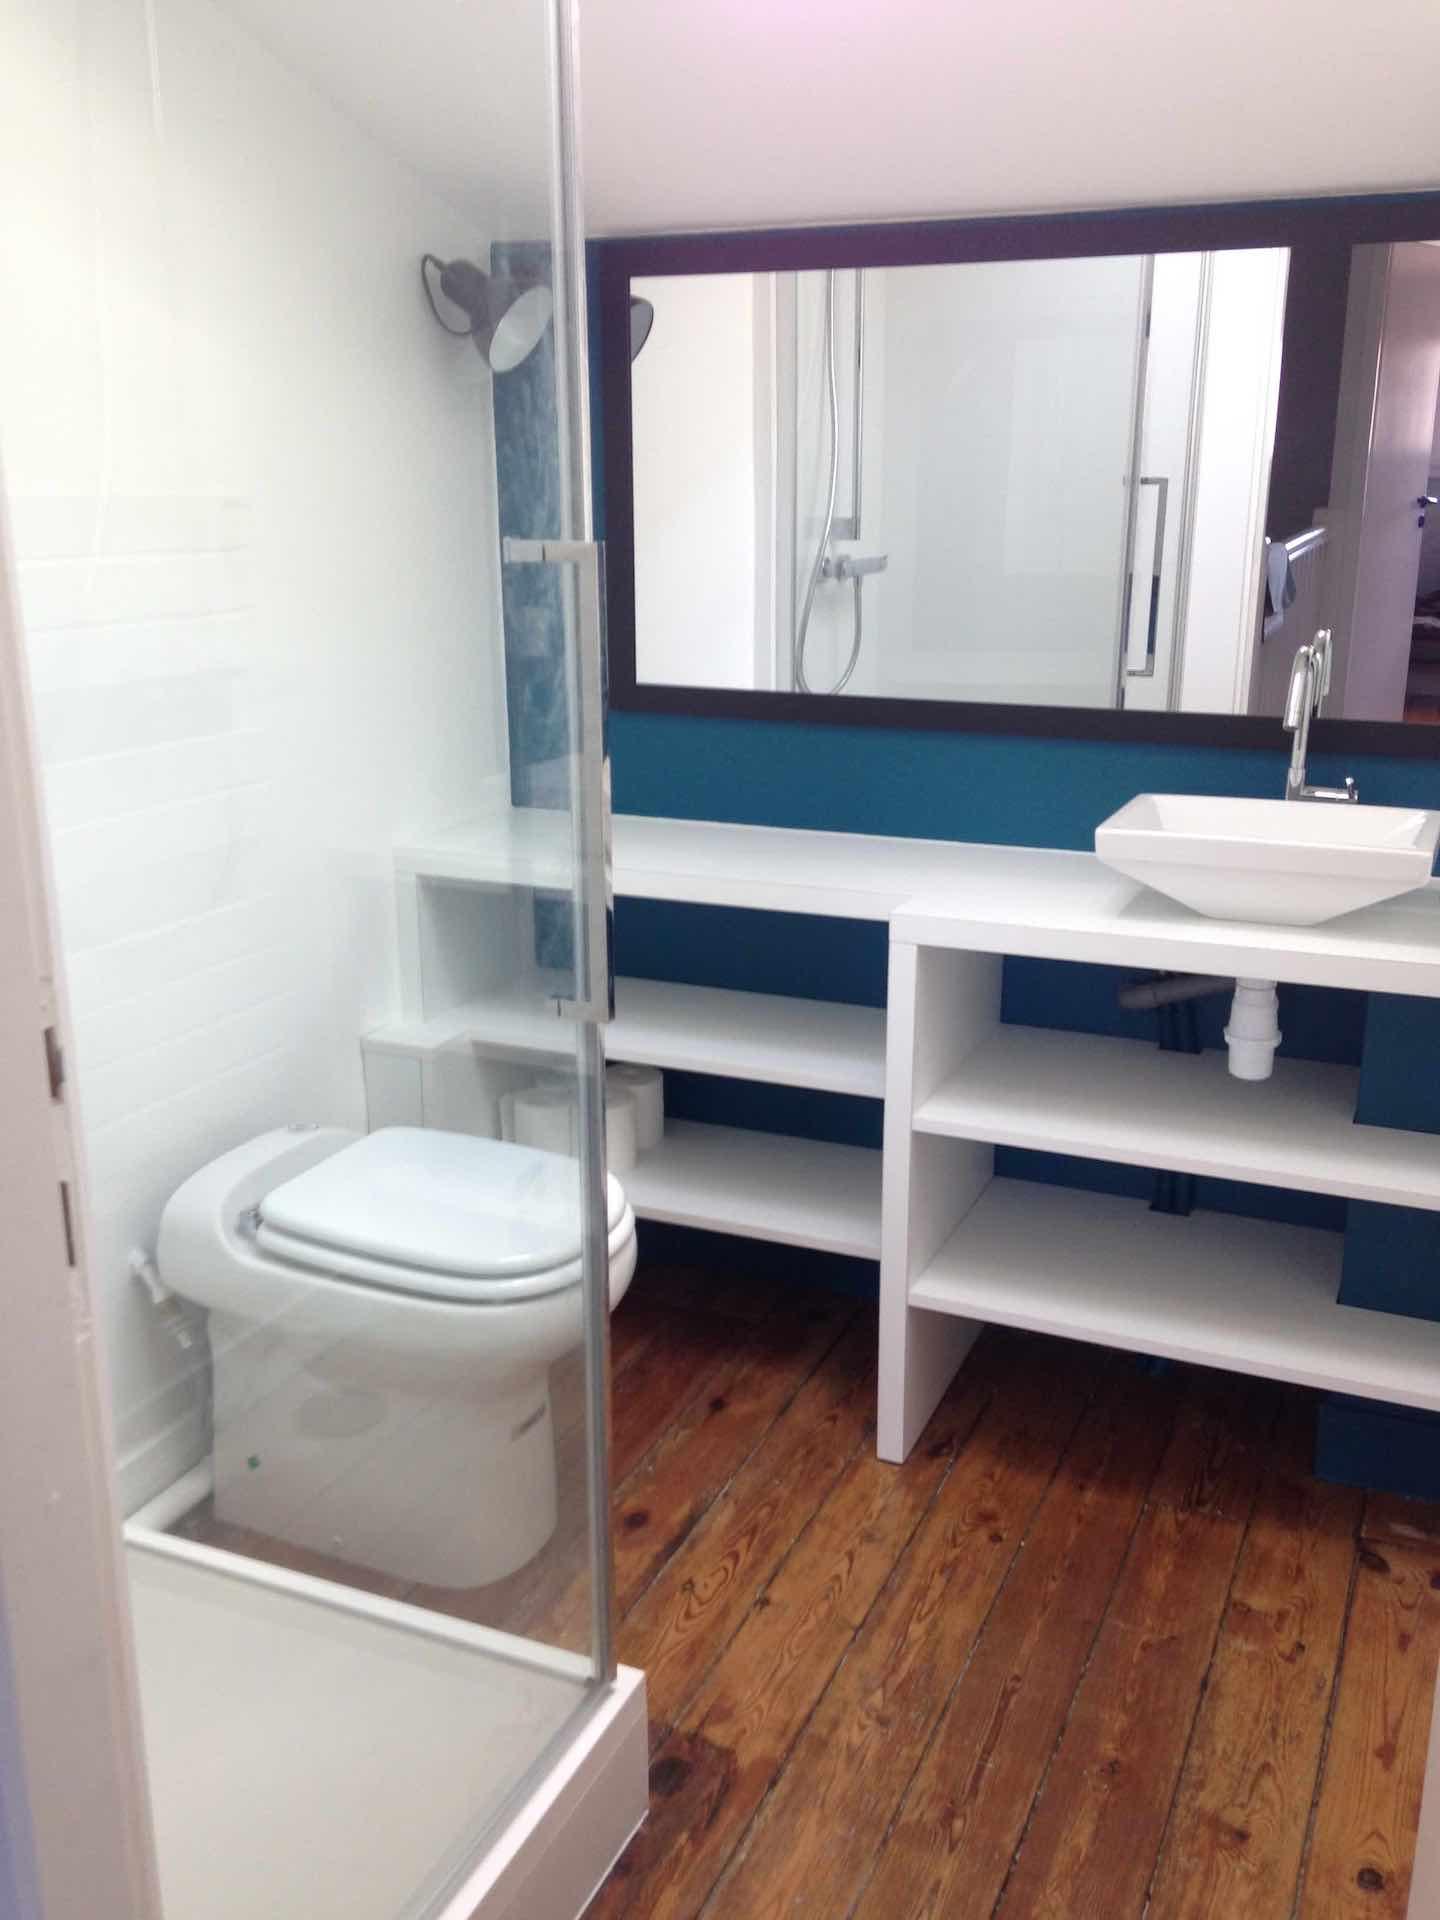 alix saupique salle de bain bleue alix saupique. Black Bedroom Furniture Sets. Home Design Ideas